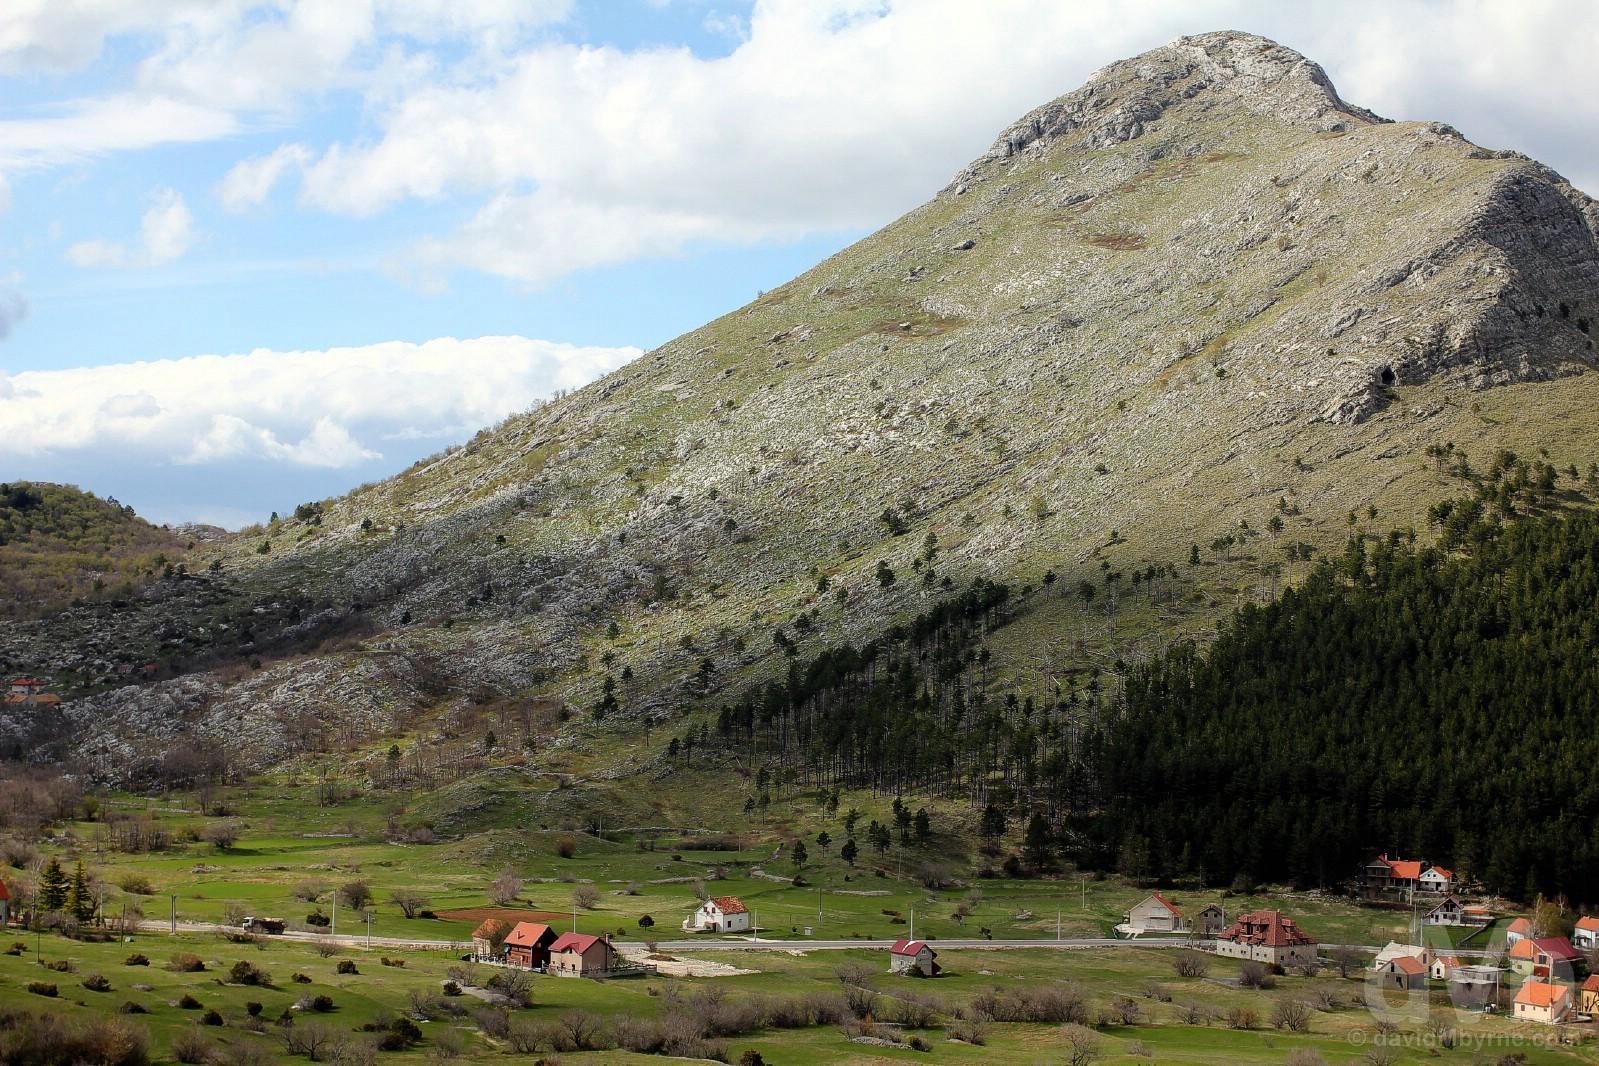 Scenery in Lovcen National Park, Montenegro. April 20, 2017.